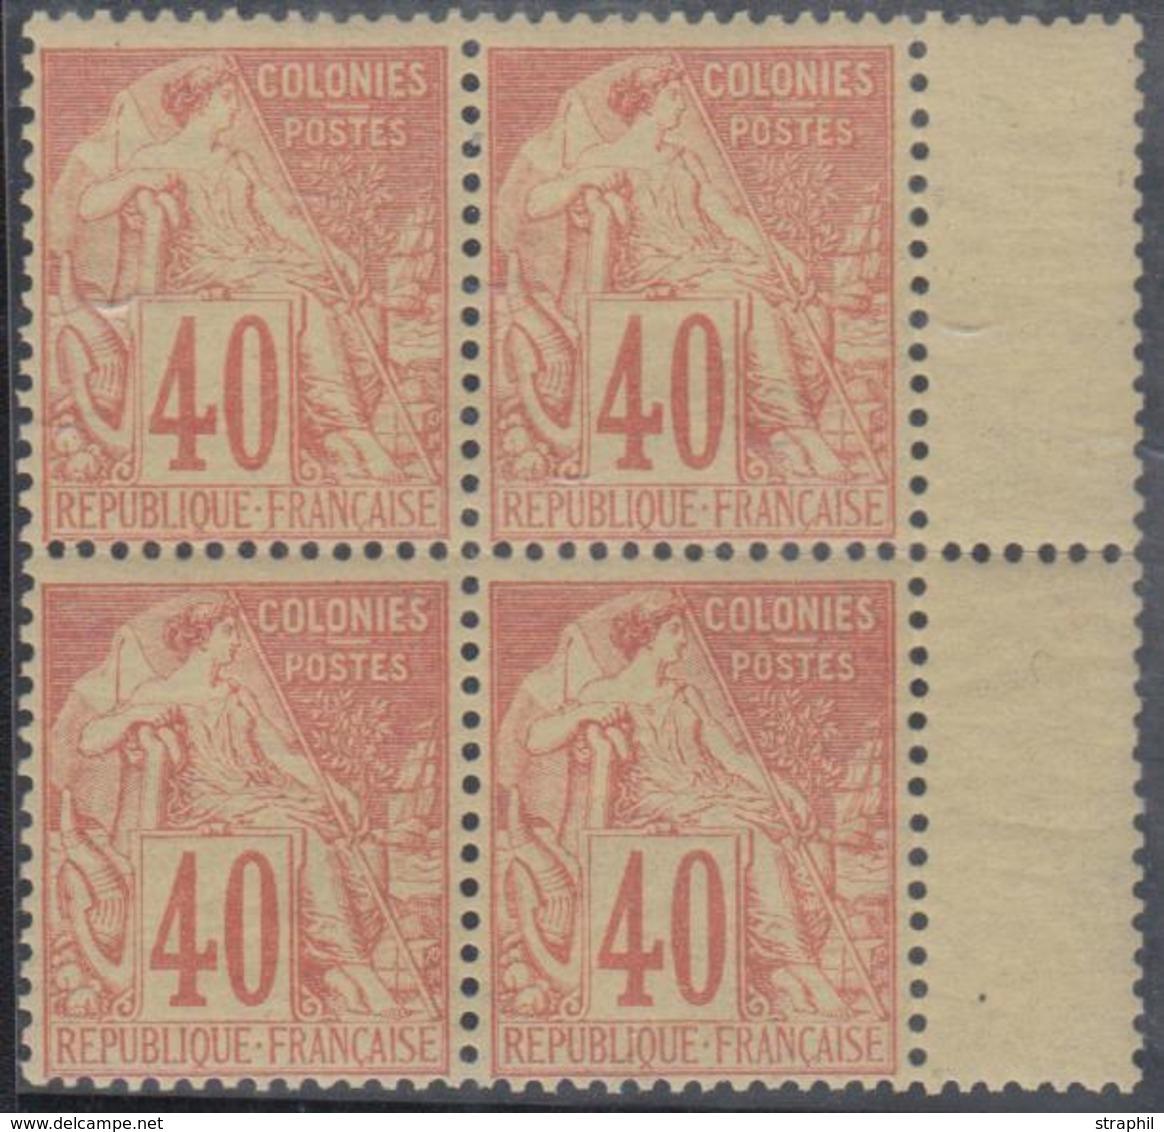 ** EMISSIONS GENERALES - ** - N°57, Bloc De 4, Bord De Panneau - TF/TB - Eagle And Crown